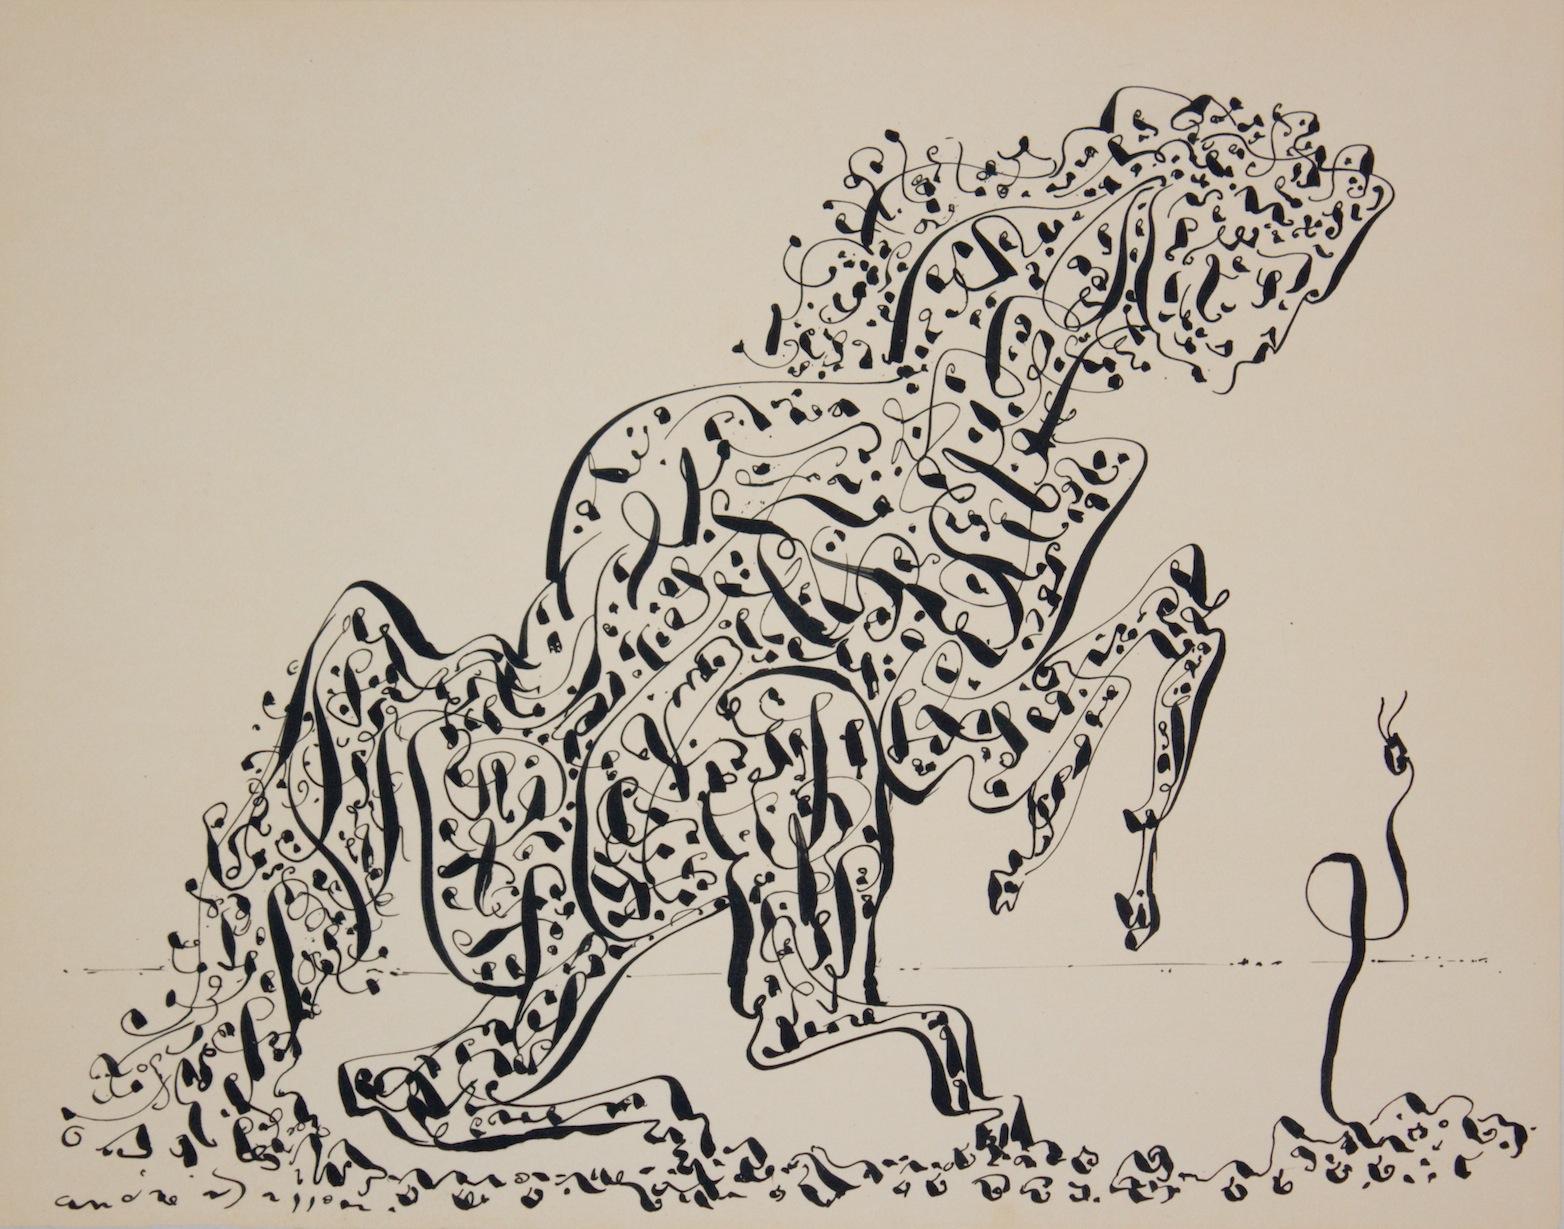 André Masson (1896, Balagny, Oise, Francia) - Si unì al gruppo emergente dei surrealisti a metà degli anni '20, dopo che uno dei suoi dipinti aveva attirato l'attenzione del leader del movimento, André Breton. Ben presto divenne il principale praticante della scrittura automatica, che, applicata al disegno, era una forma di composizione spontanea destinata ad esprimere impulsi e immagini derivanti direttamente dall'inconscio.I dipinti e i disegni di Masson della fine degli anni '20 e degli anni '30 sono rappresentazioni turbolente e suggestive di scene di violenza, erotismo e metamorfosi fisica. Innato talento del disegno, ha usato linee sinuose ed espressive per delineare forme biomorfe che rasentano l'astrazione totale.